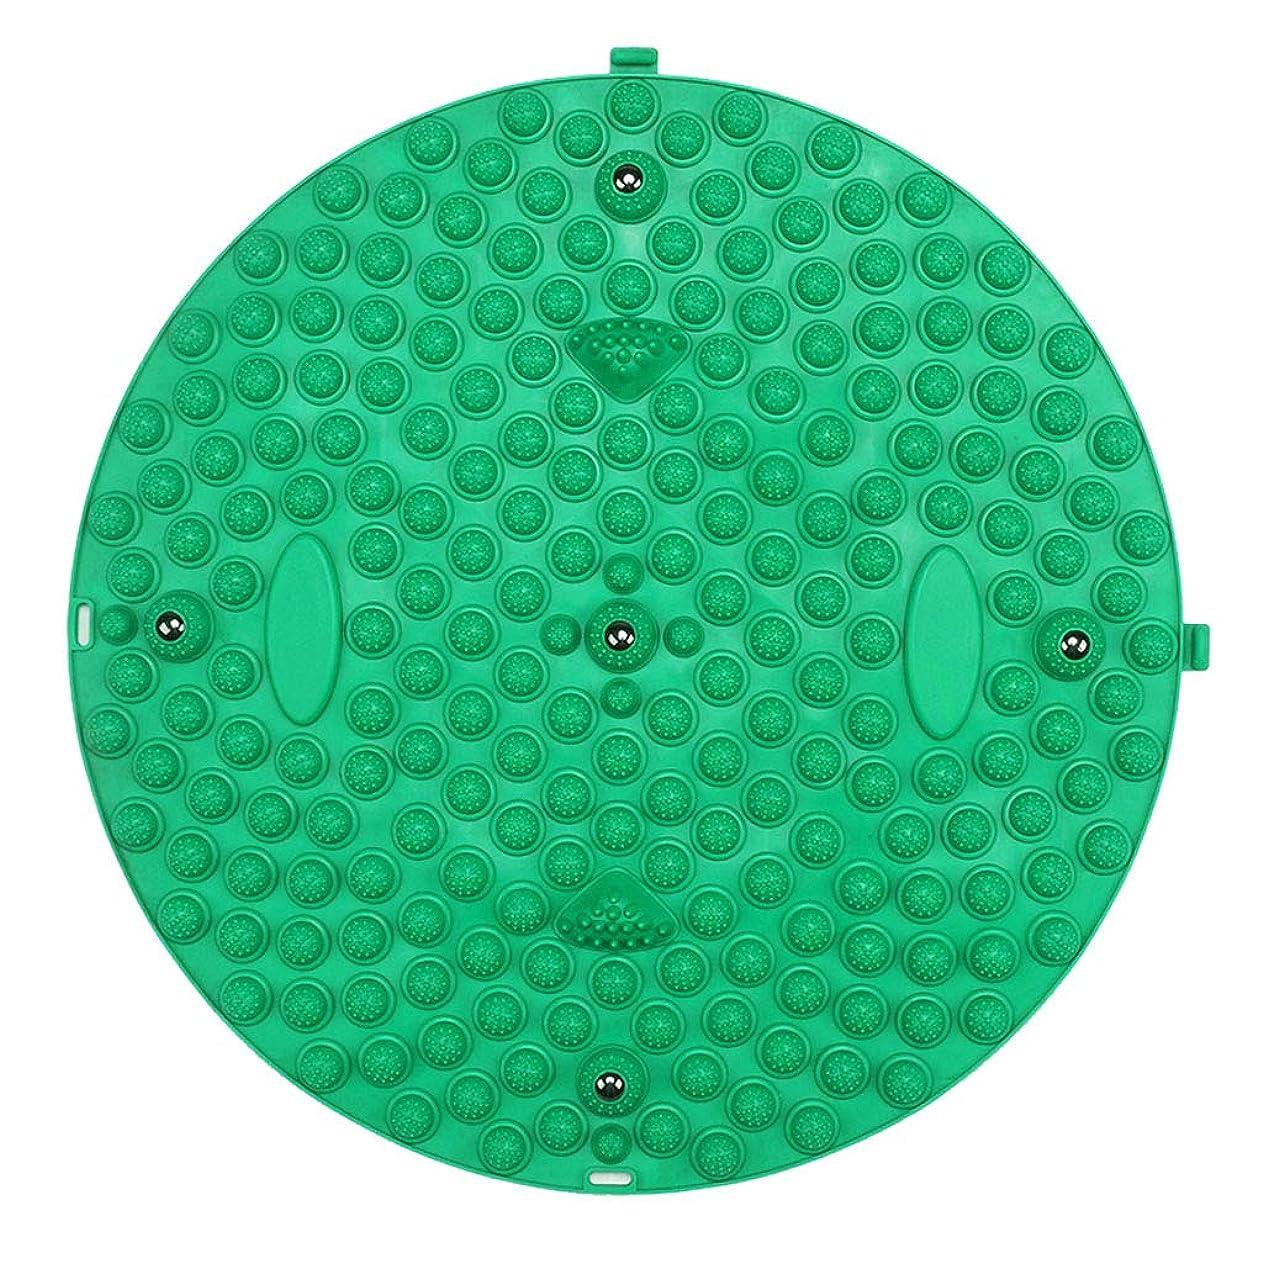 メロディー溶ける下る足のマッサージクッション、ホーム指圧プレートマッサージ足の鍼治療のポイント増す指圧プレートフィットネスマッサージクッション (Color : Green)